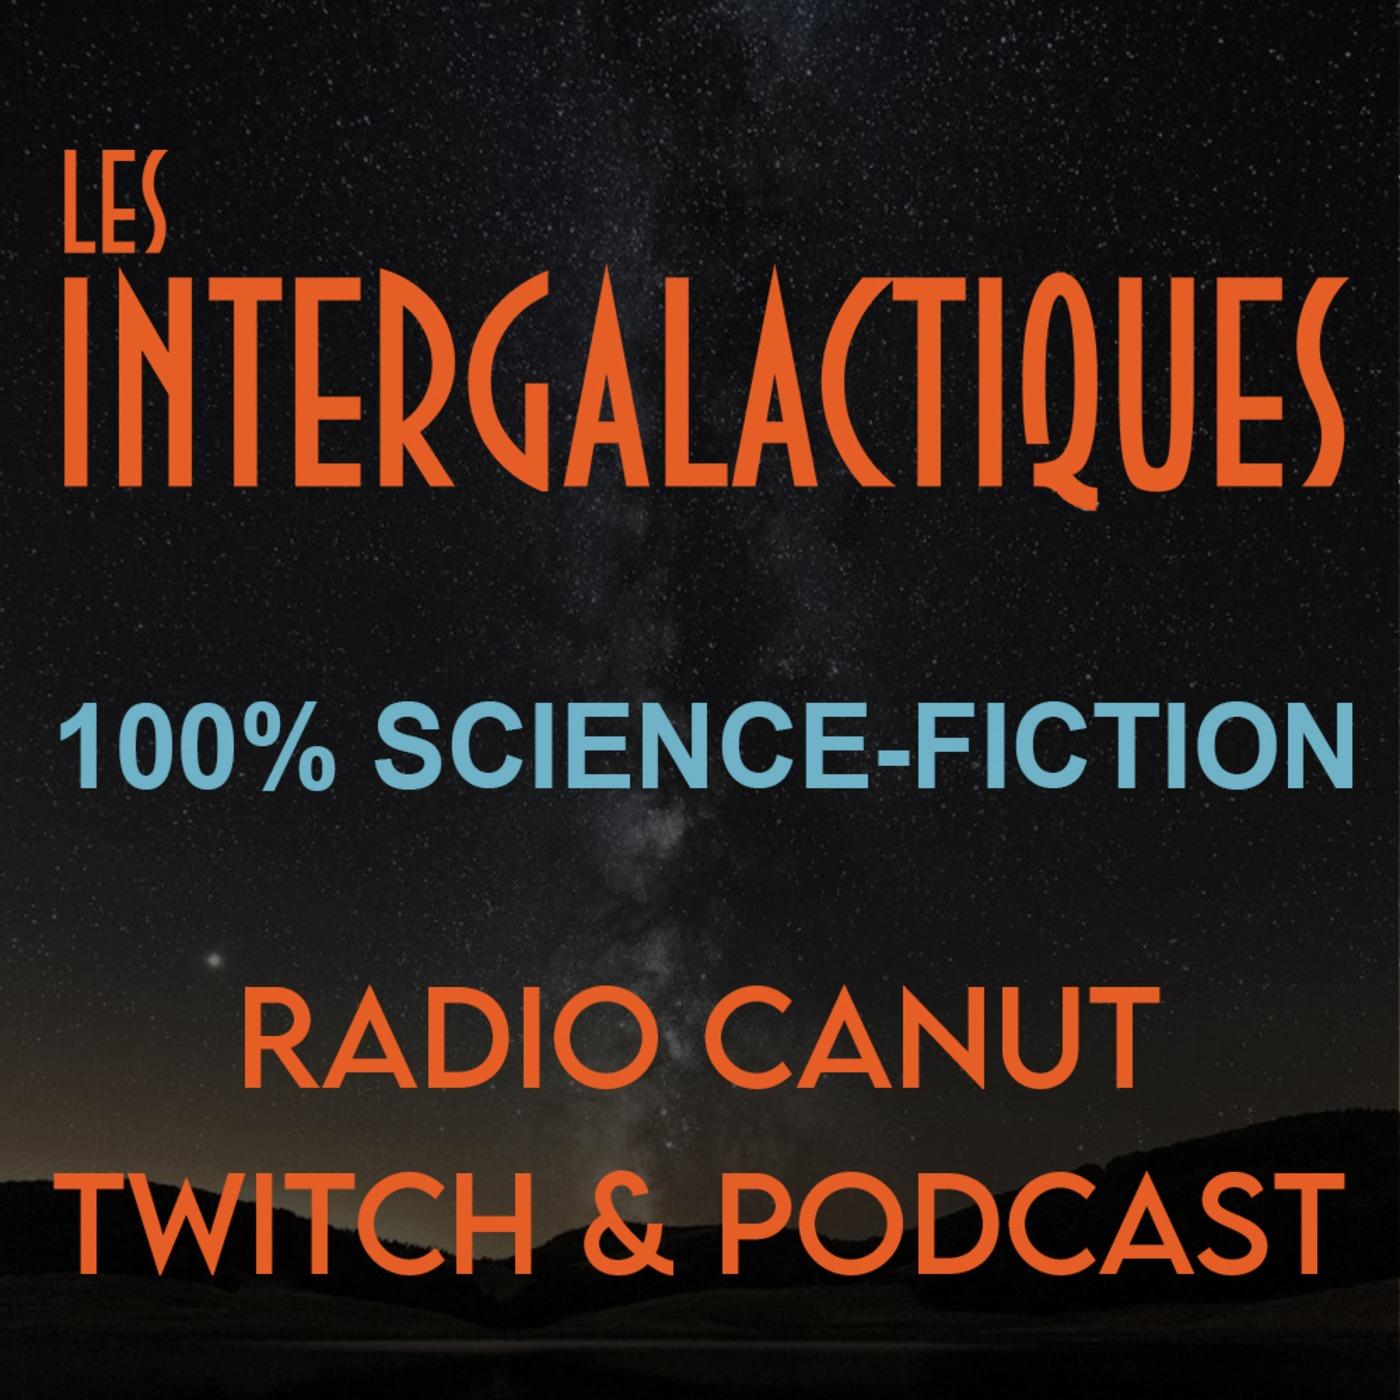 Les Intergalactiques